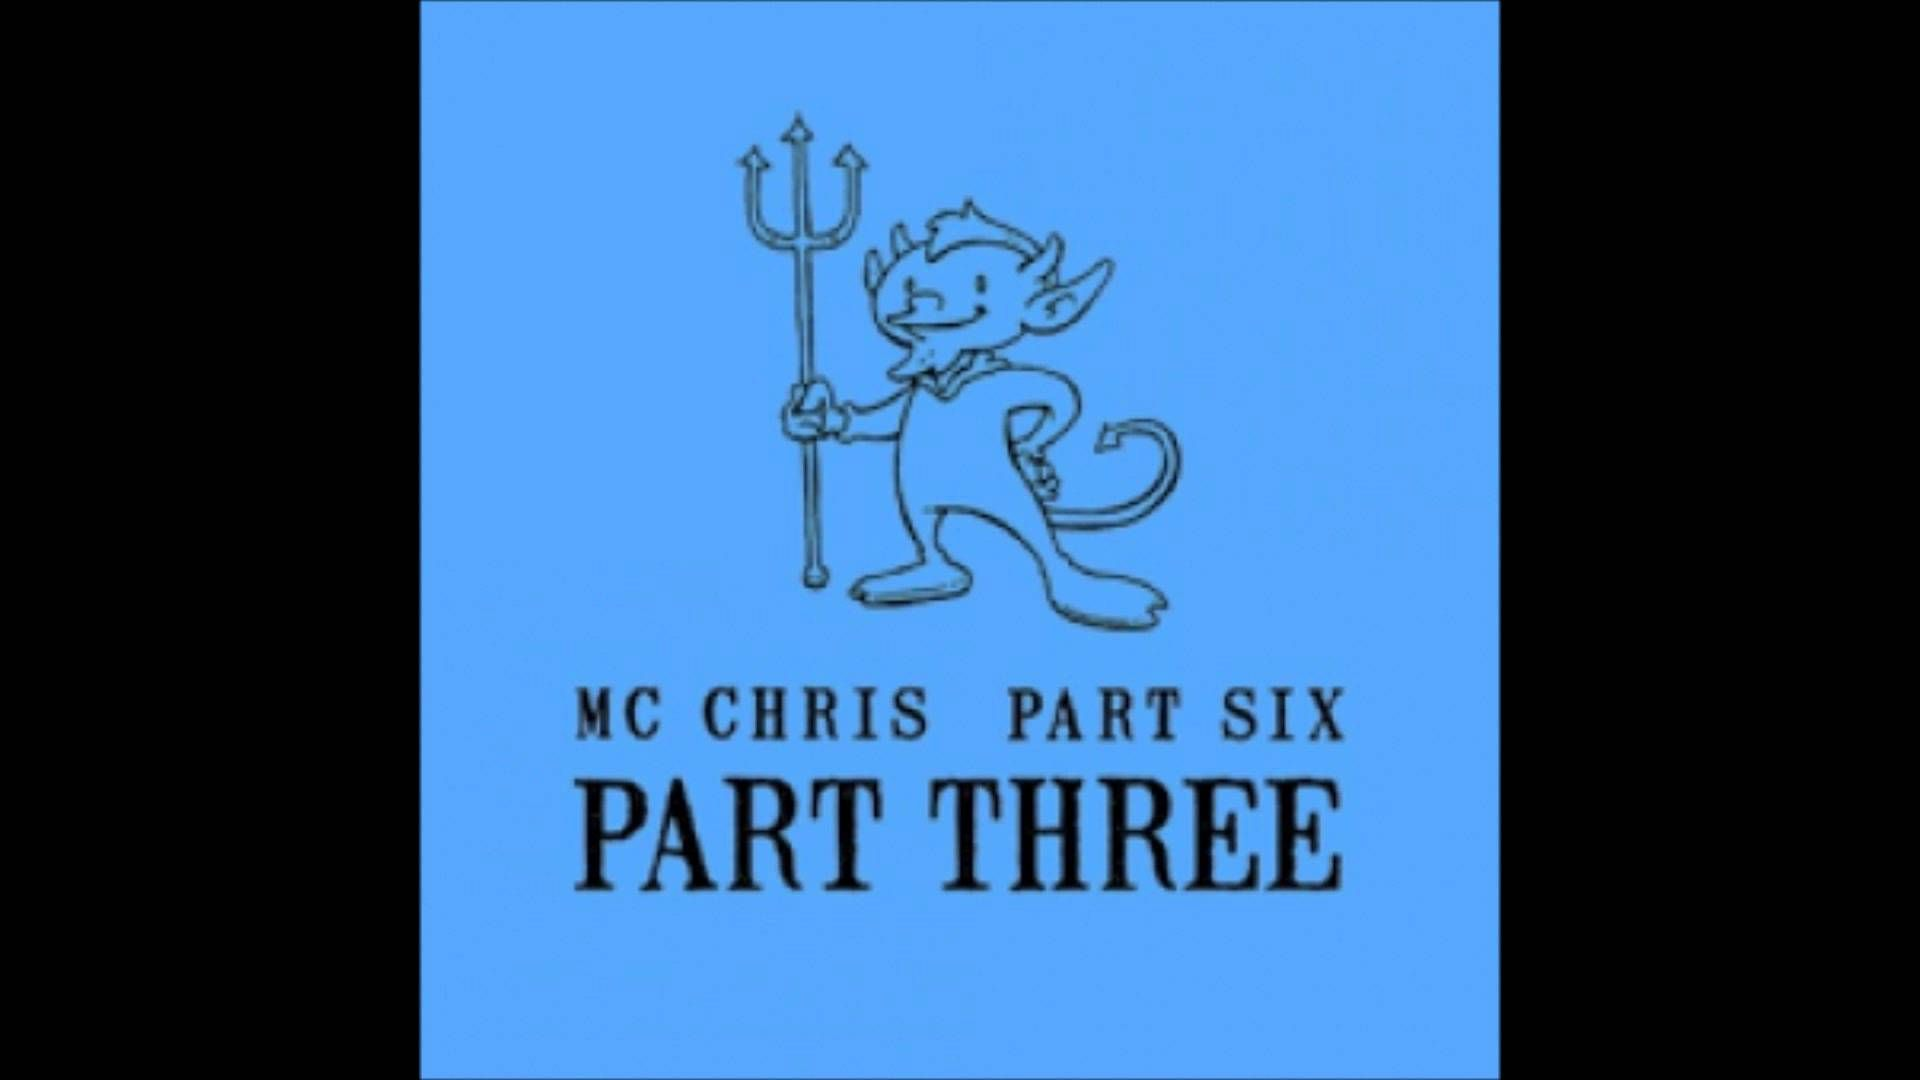 mc chris  distant lands  music is life chris mcs